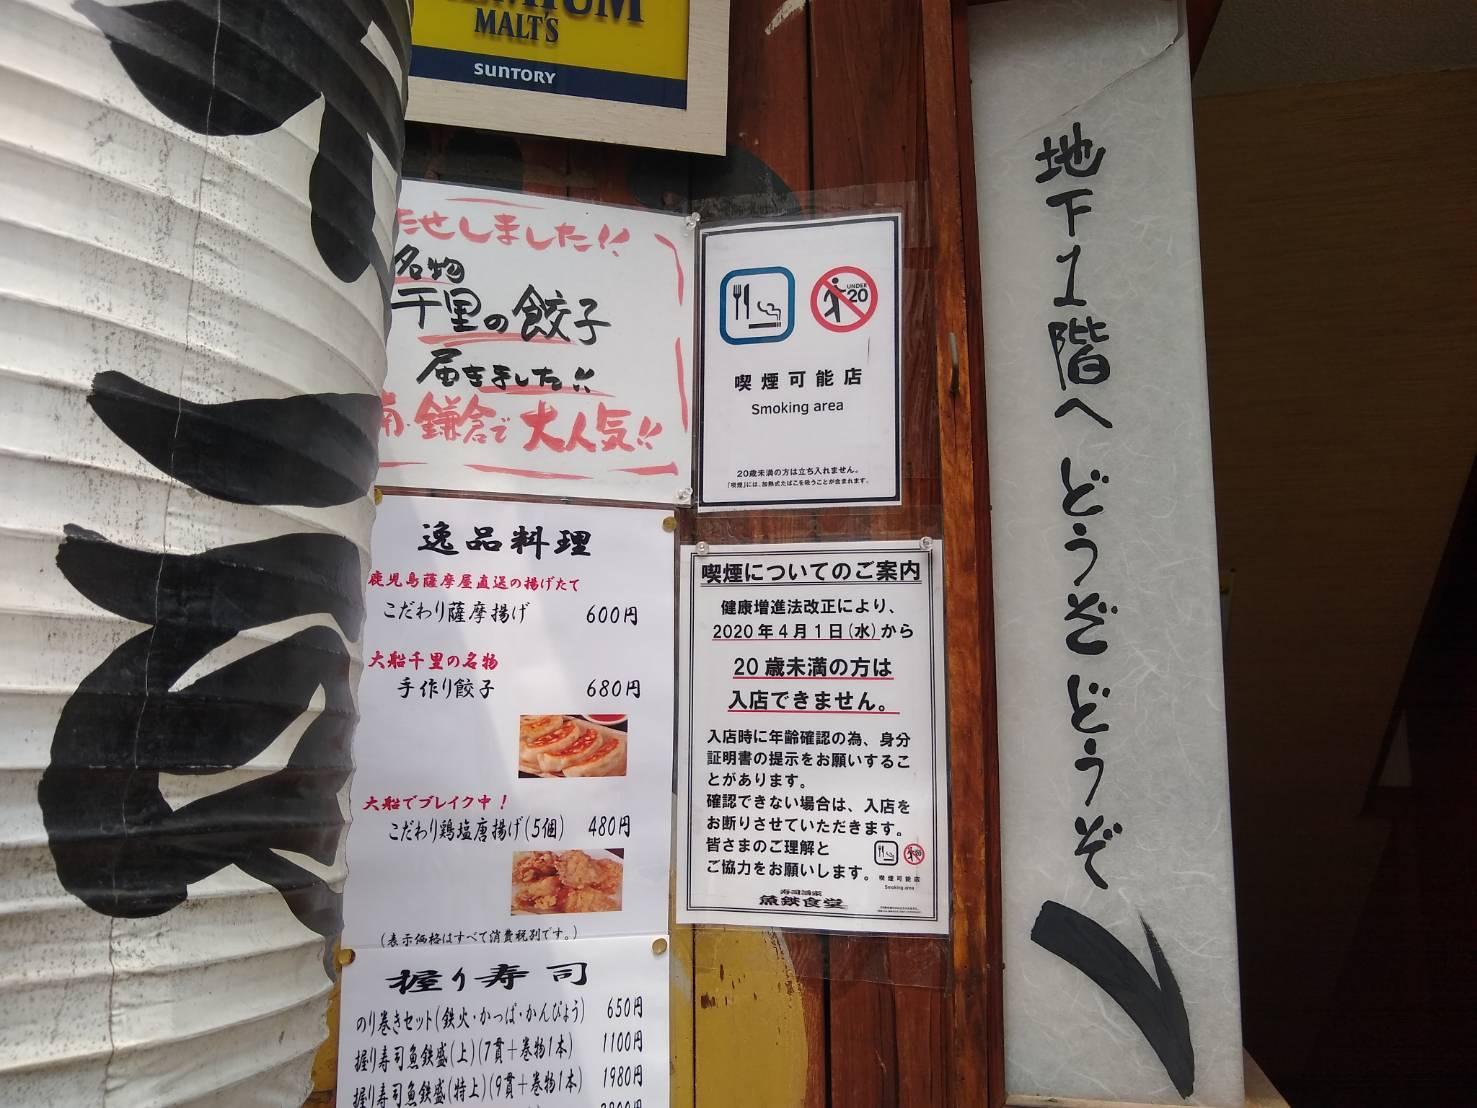 魚鉄食堂喫煙可